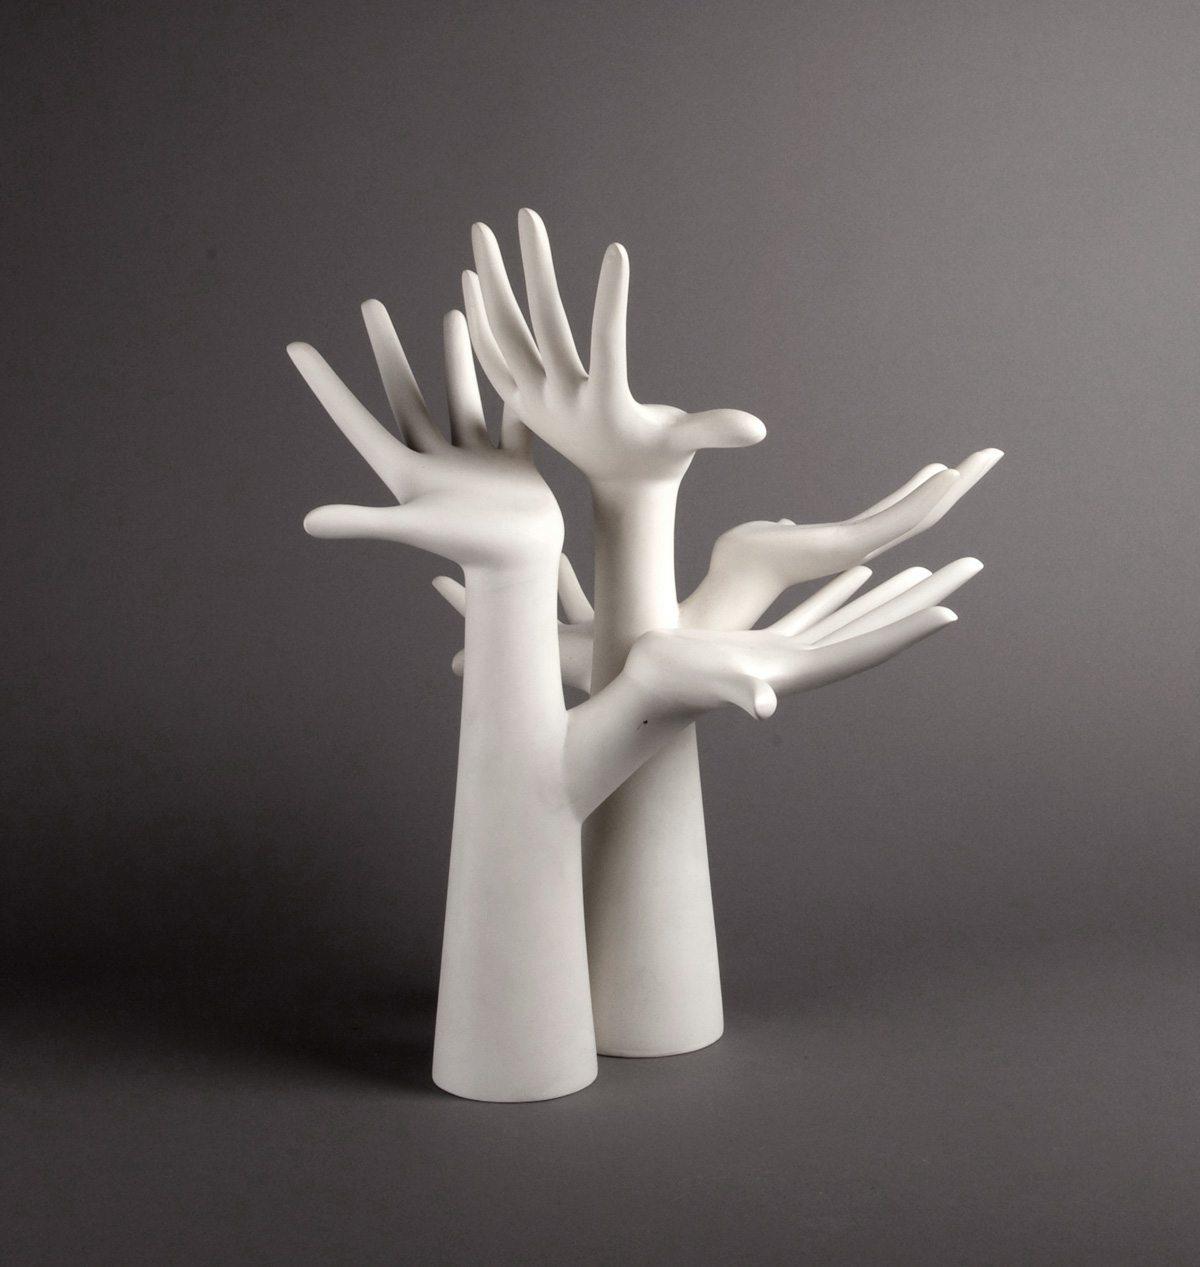 arbres à main ichetkar sculpture mains hands